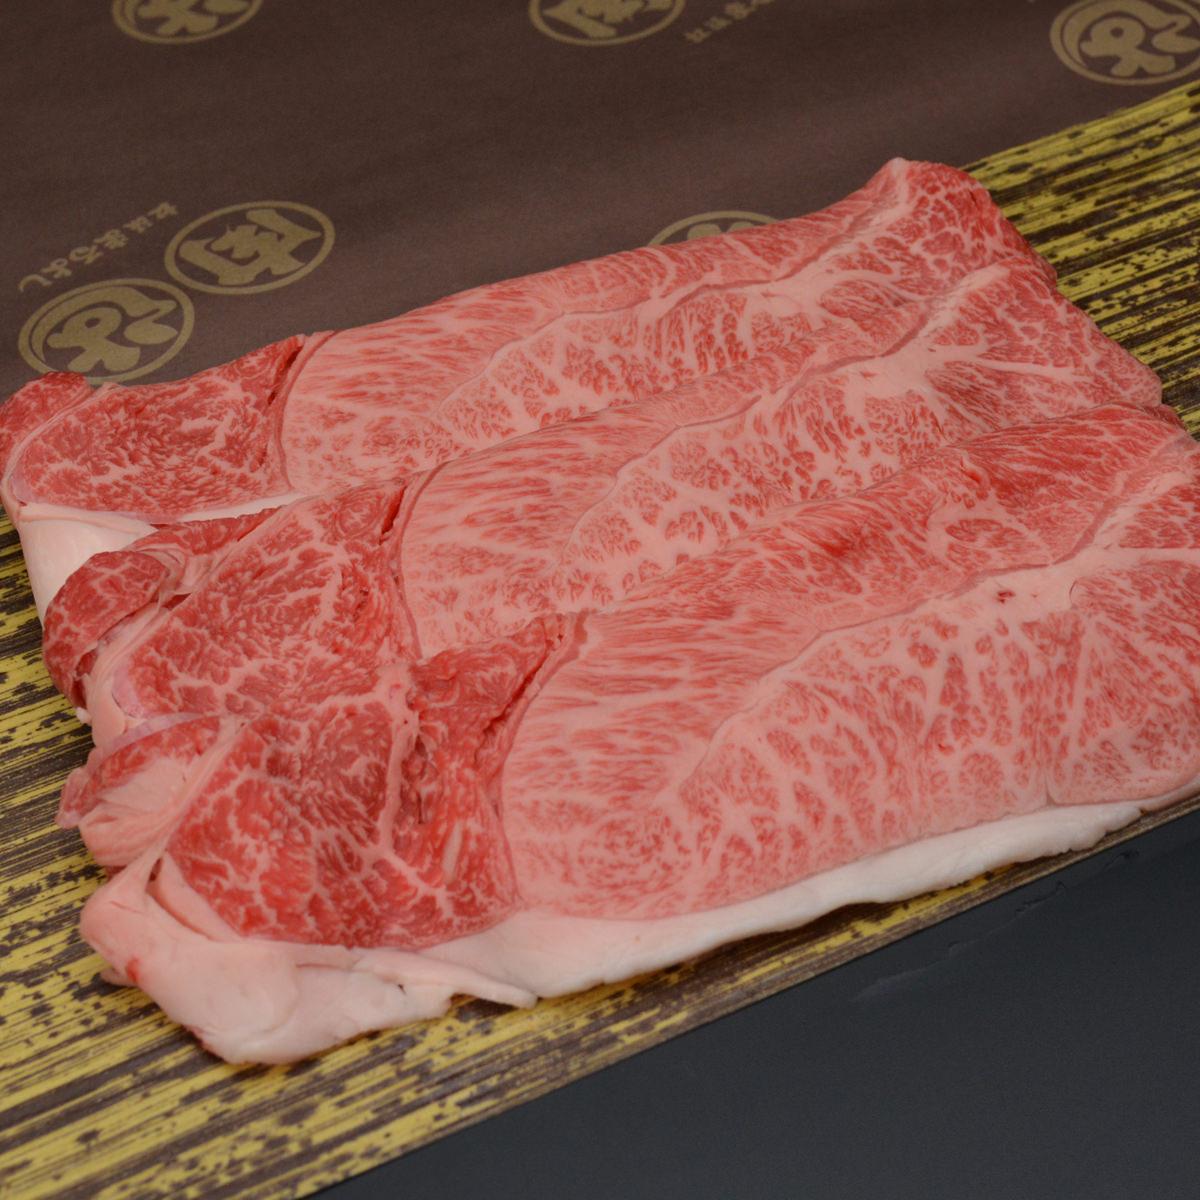 松坂まるよし お祝いやおもてなしに確かな品質のブランド肉を 松阪牛すき焼き 肩肉 モモ肉〔300g〕